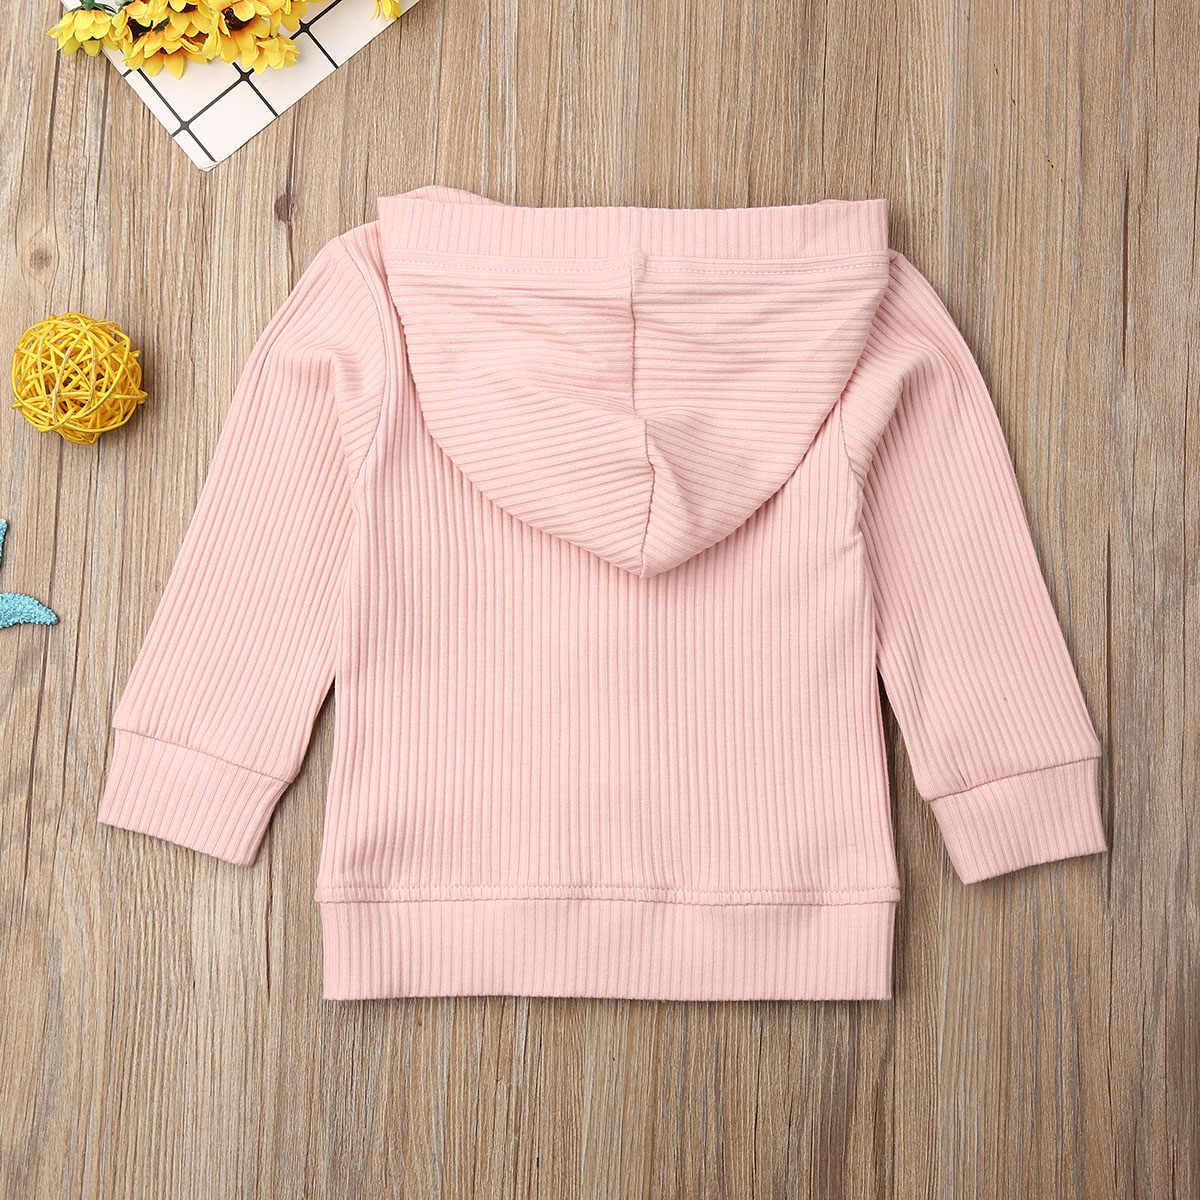 아기 소년 뜨개질 카디건 2020 가을 따뜻한 신생아 유아 스웨터 패션 긴 소매 후드 코트 자켓 아동 의류 복장